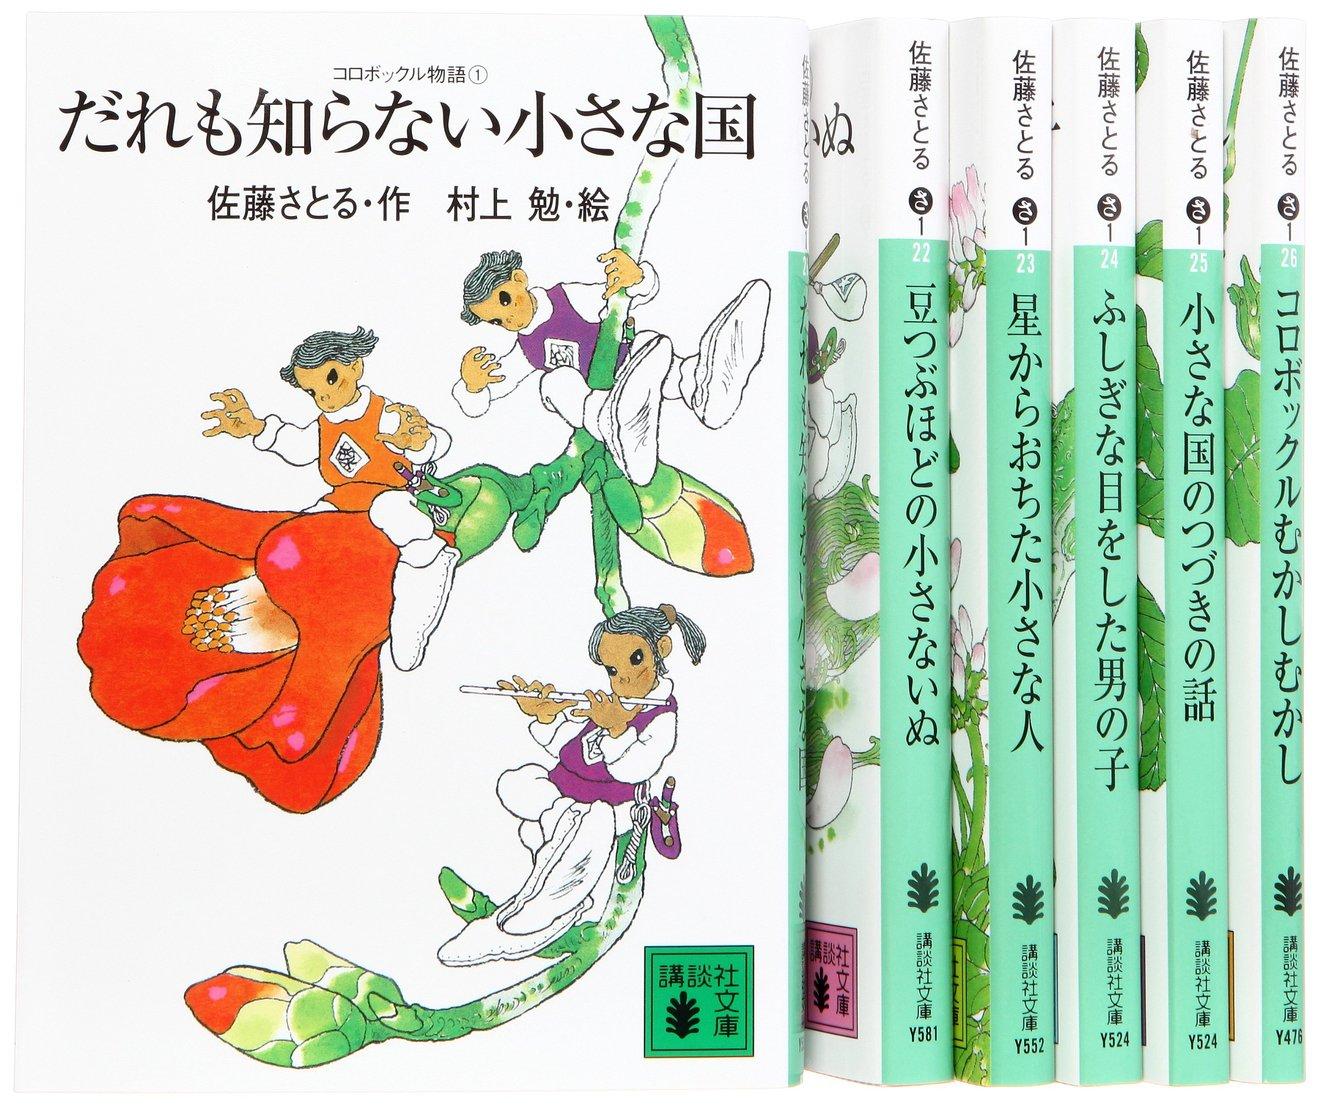 佐藤さとるおすすめ作品5選!絵本やコロボックル物語を手がけた童話作家